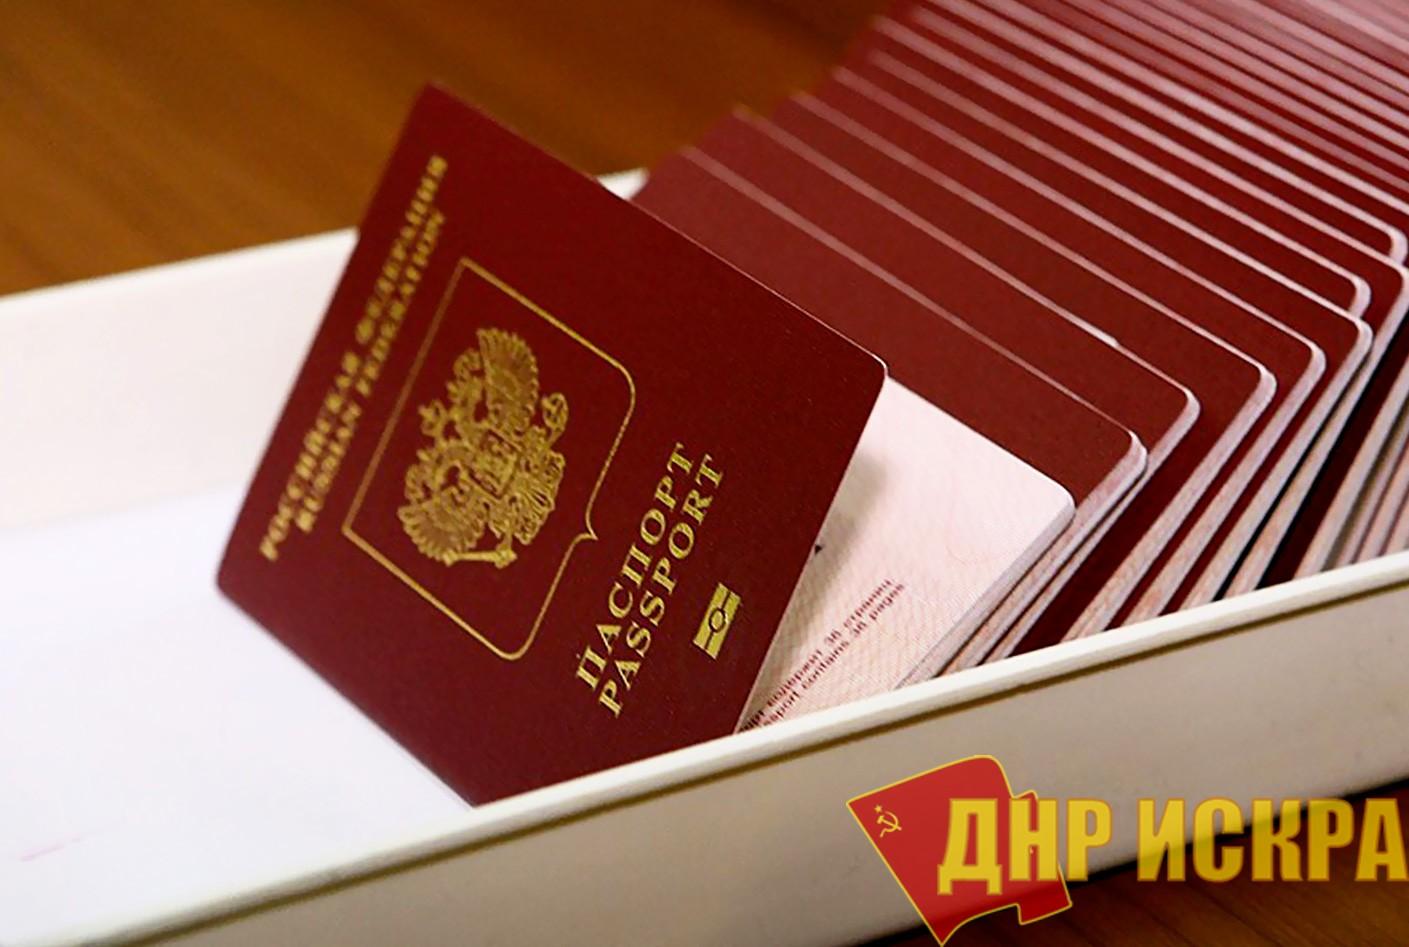 Госдума приняла закон об упрощении получения Гражданства РФ